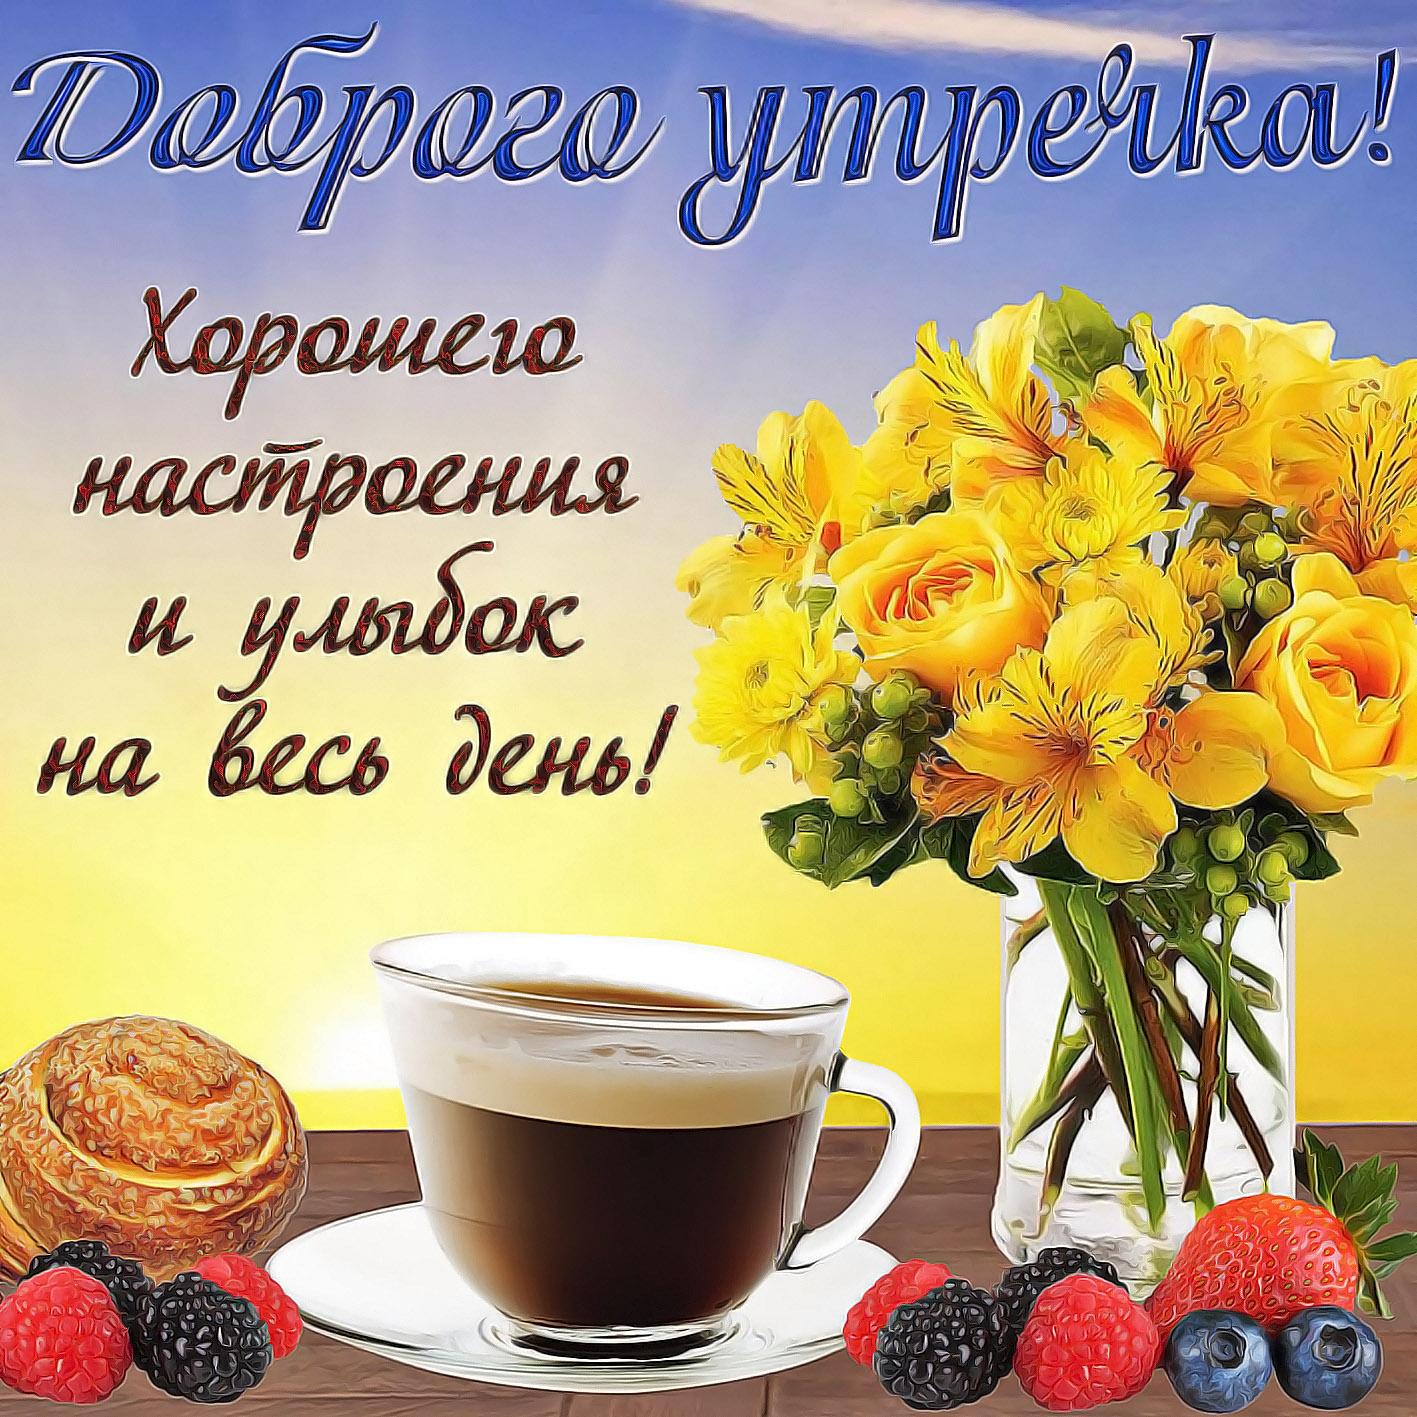 Открытки любимому доброго утра и хорошего настроения, друзей надписью этой